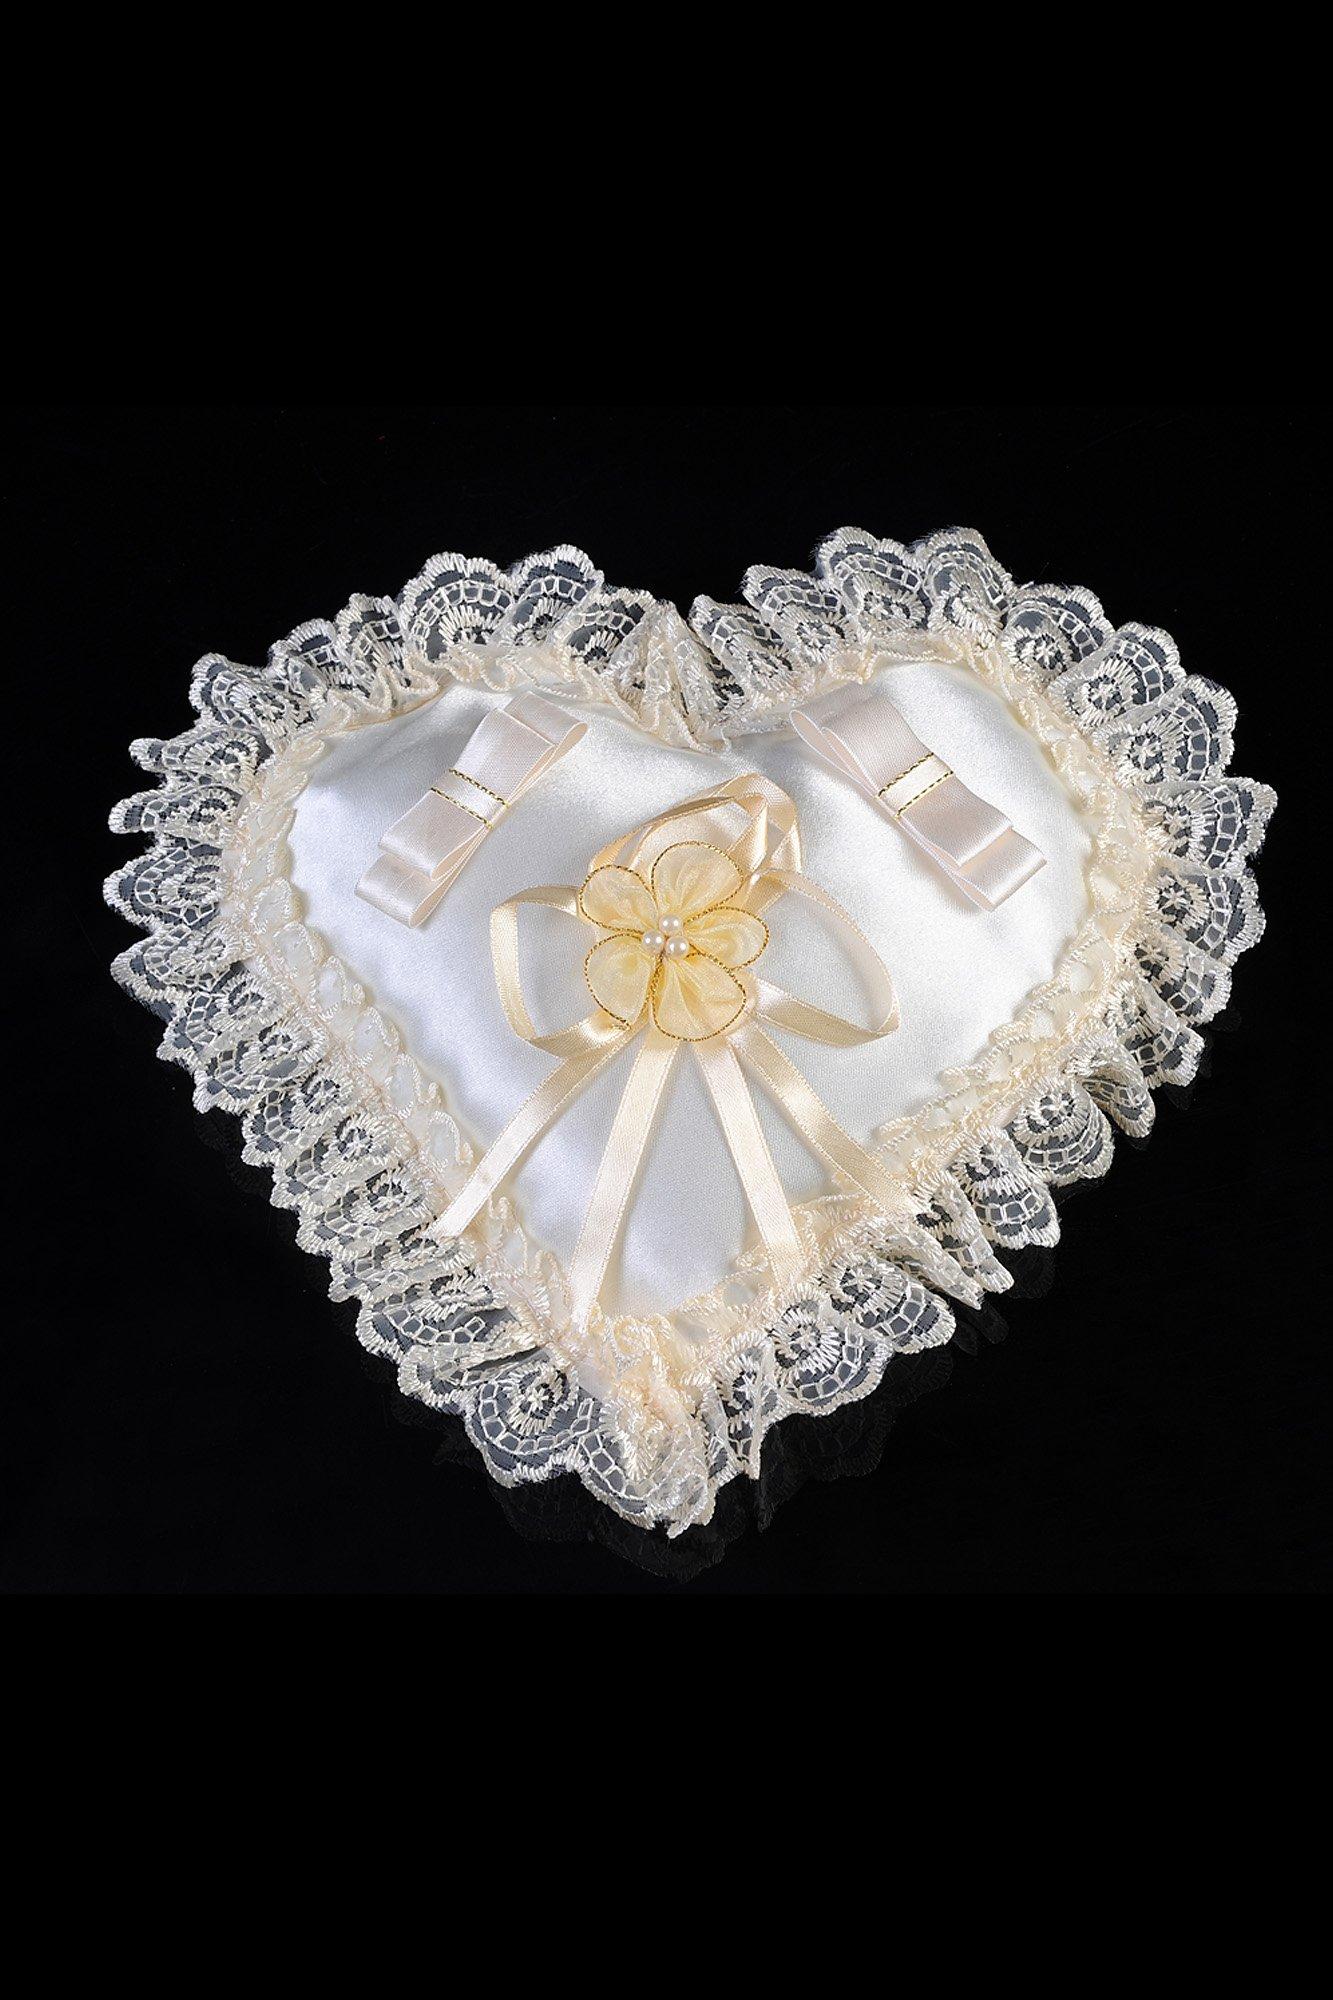 Атласная подушечка для колец в форме сердечка, украшенная кружевом по краю.